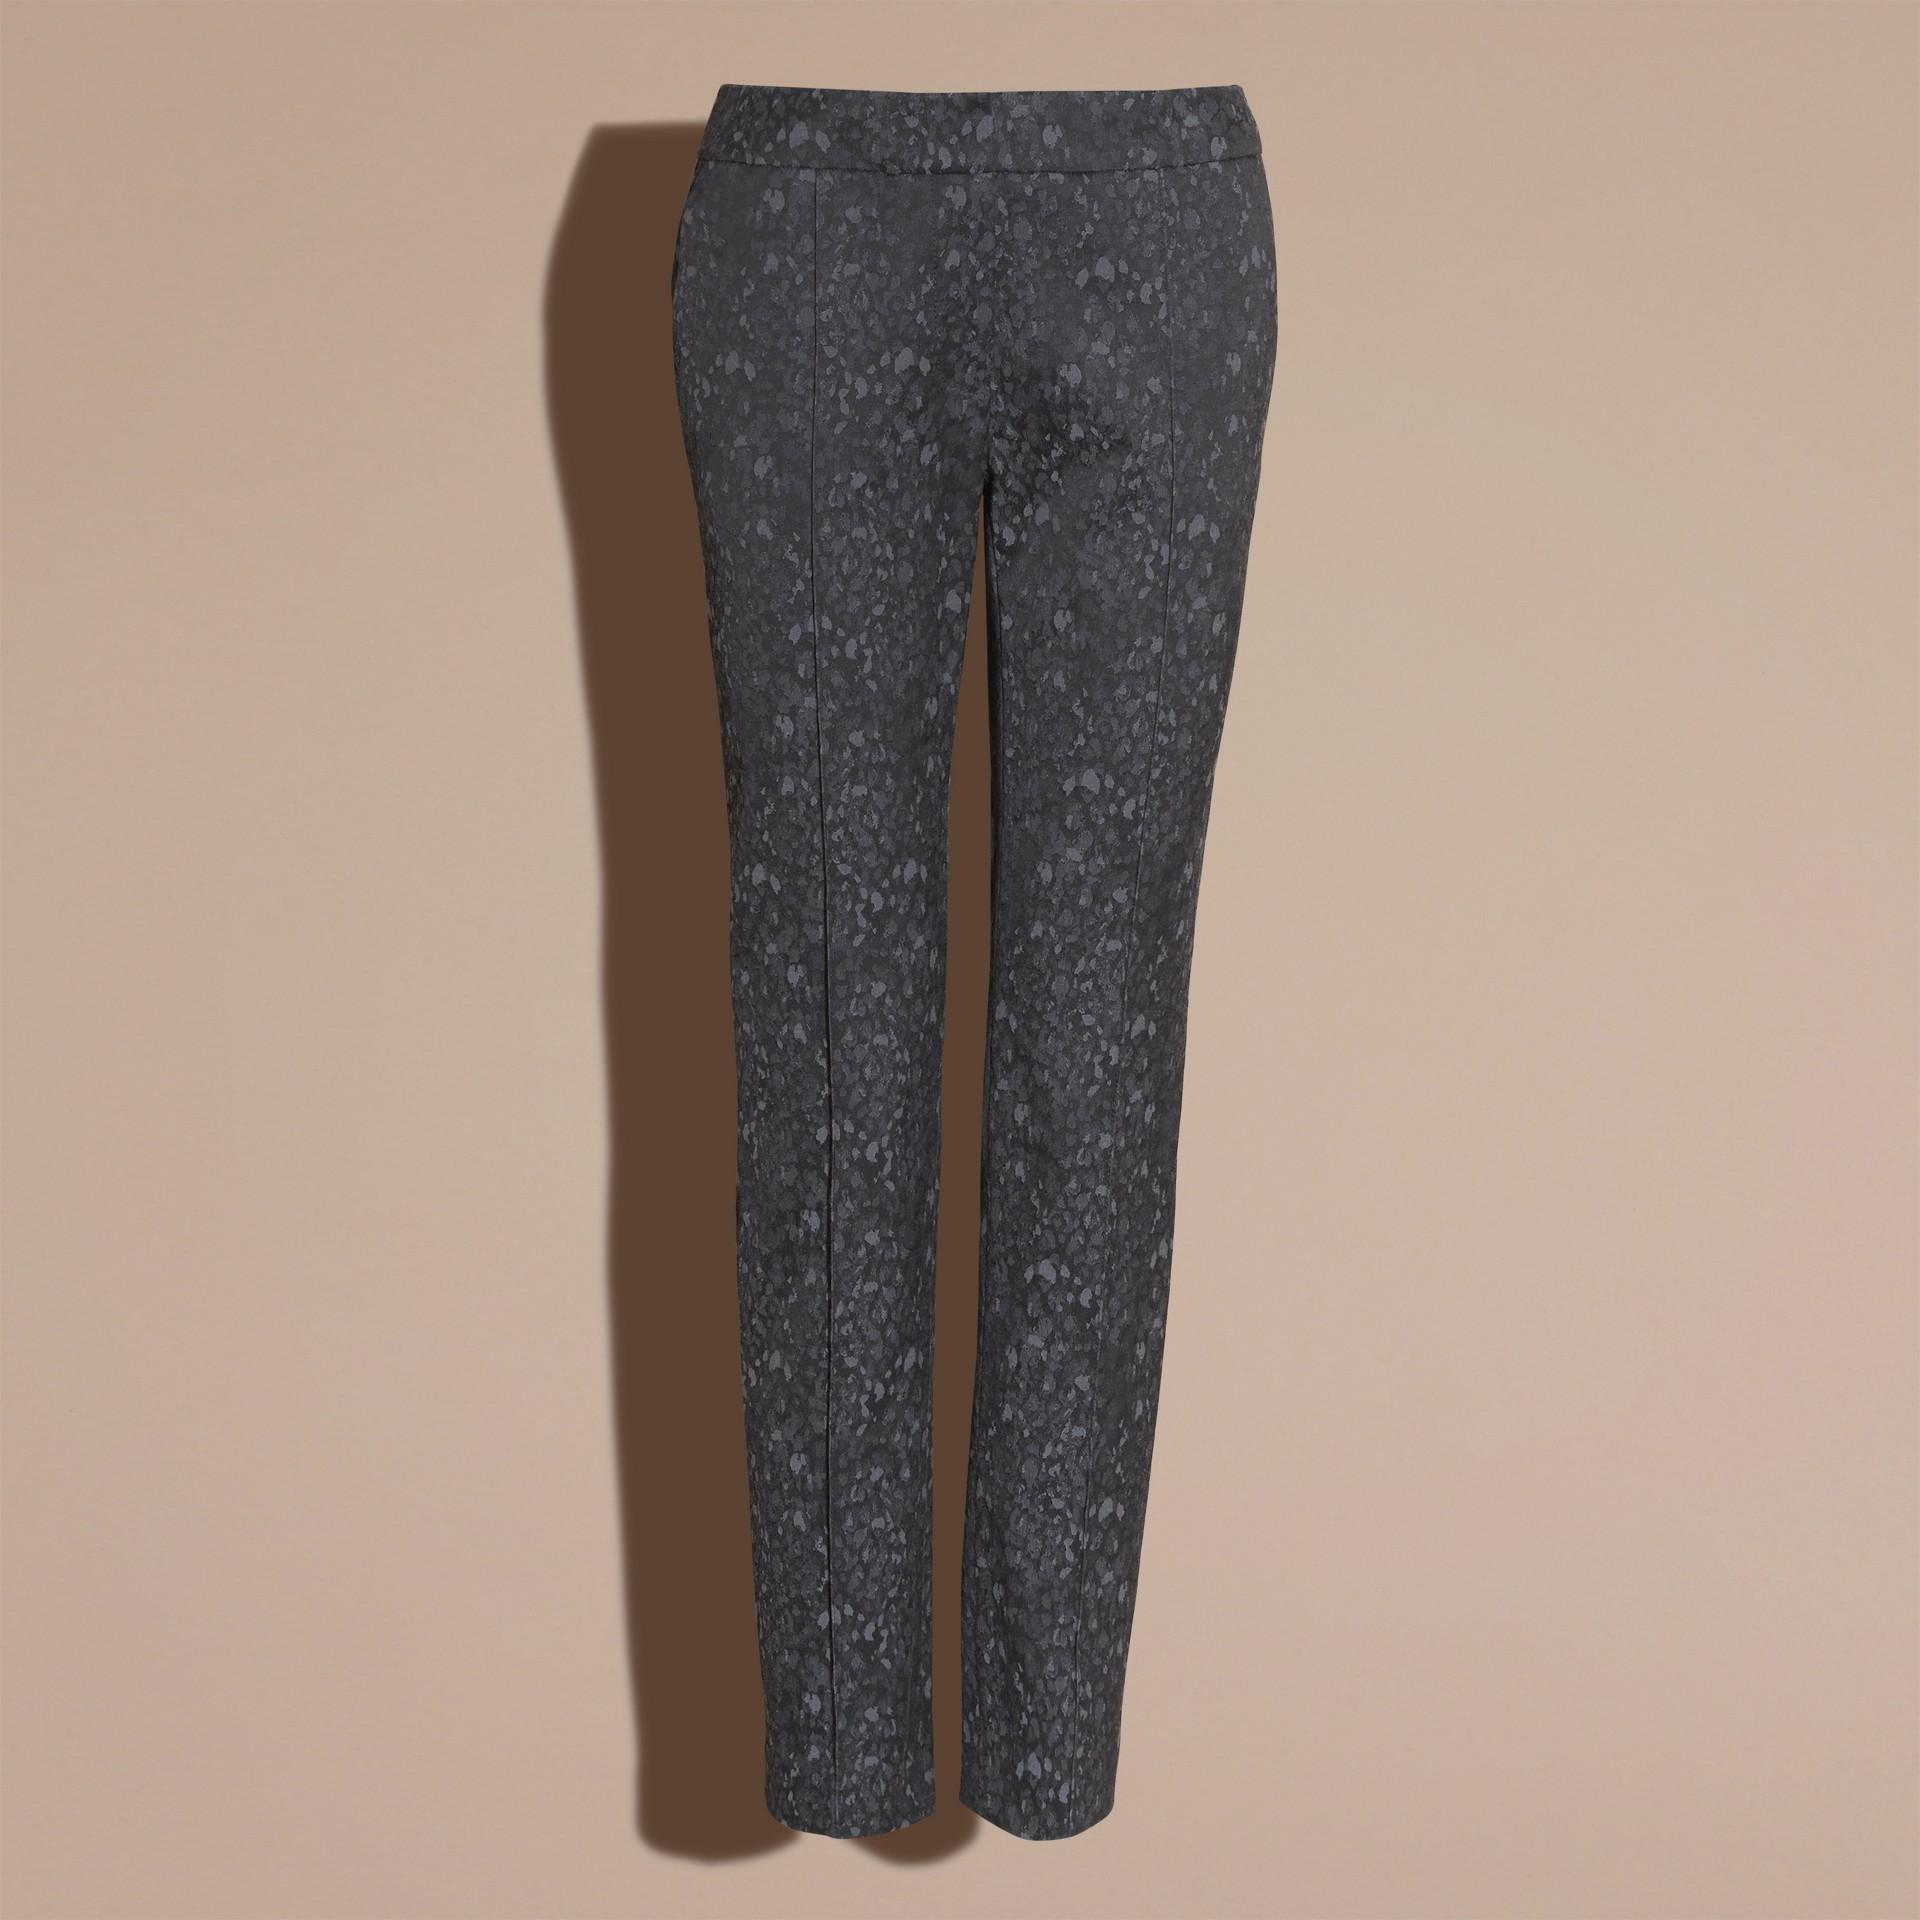 Темно-серый Узкие брюки с жаккардовым узором - изображение 4